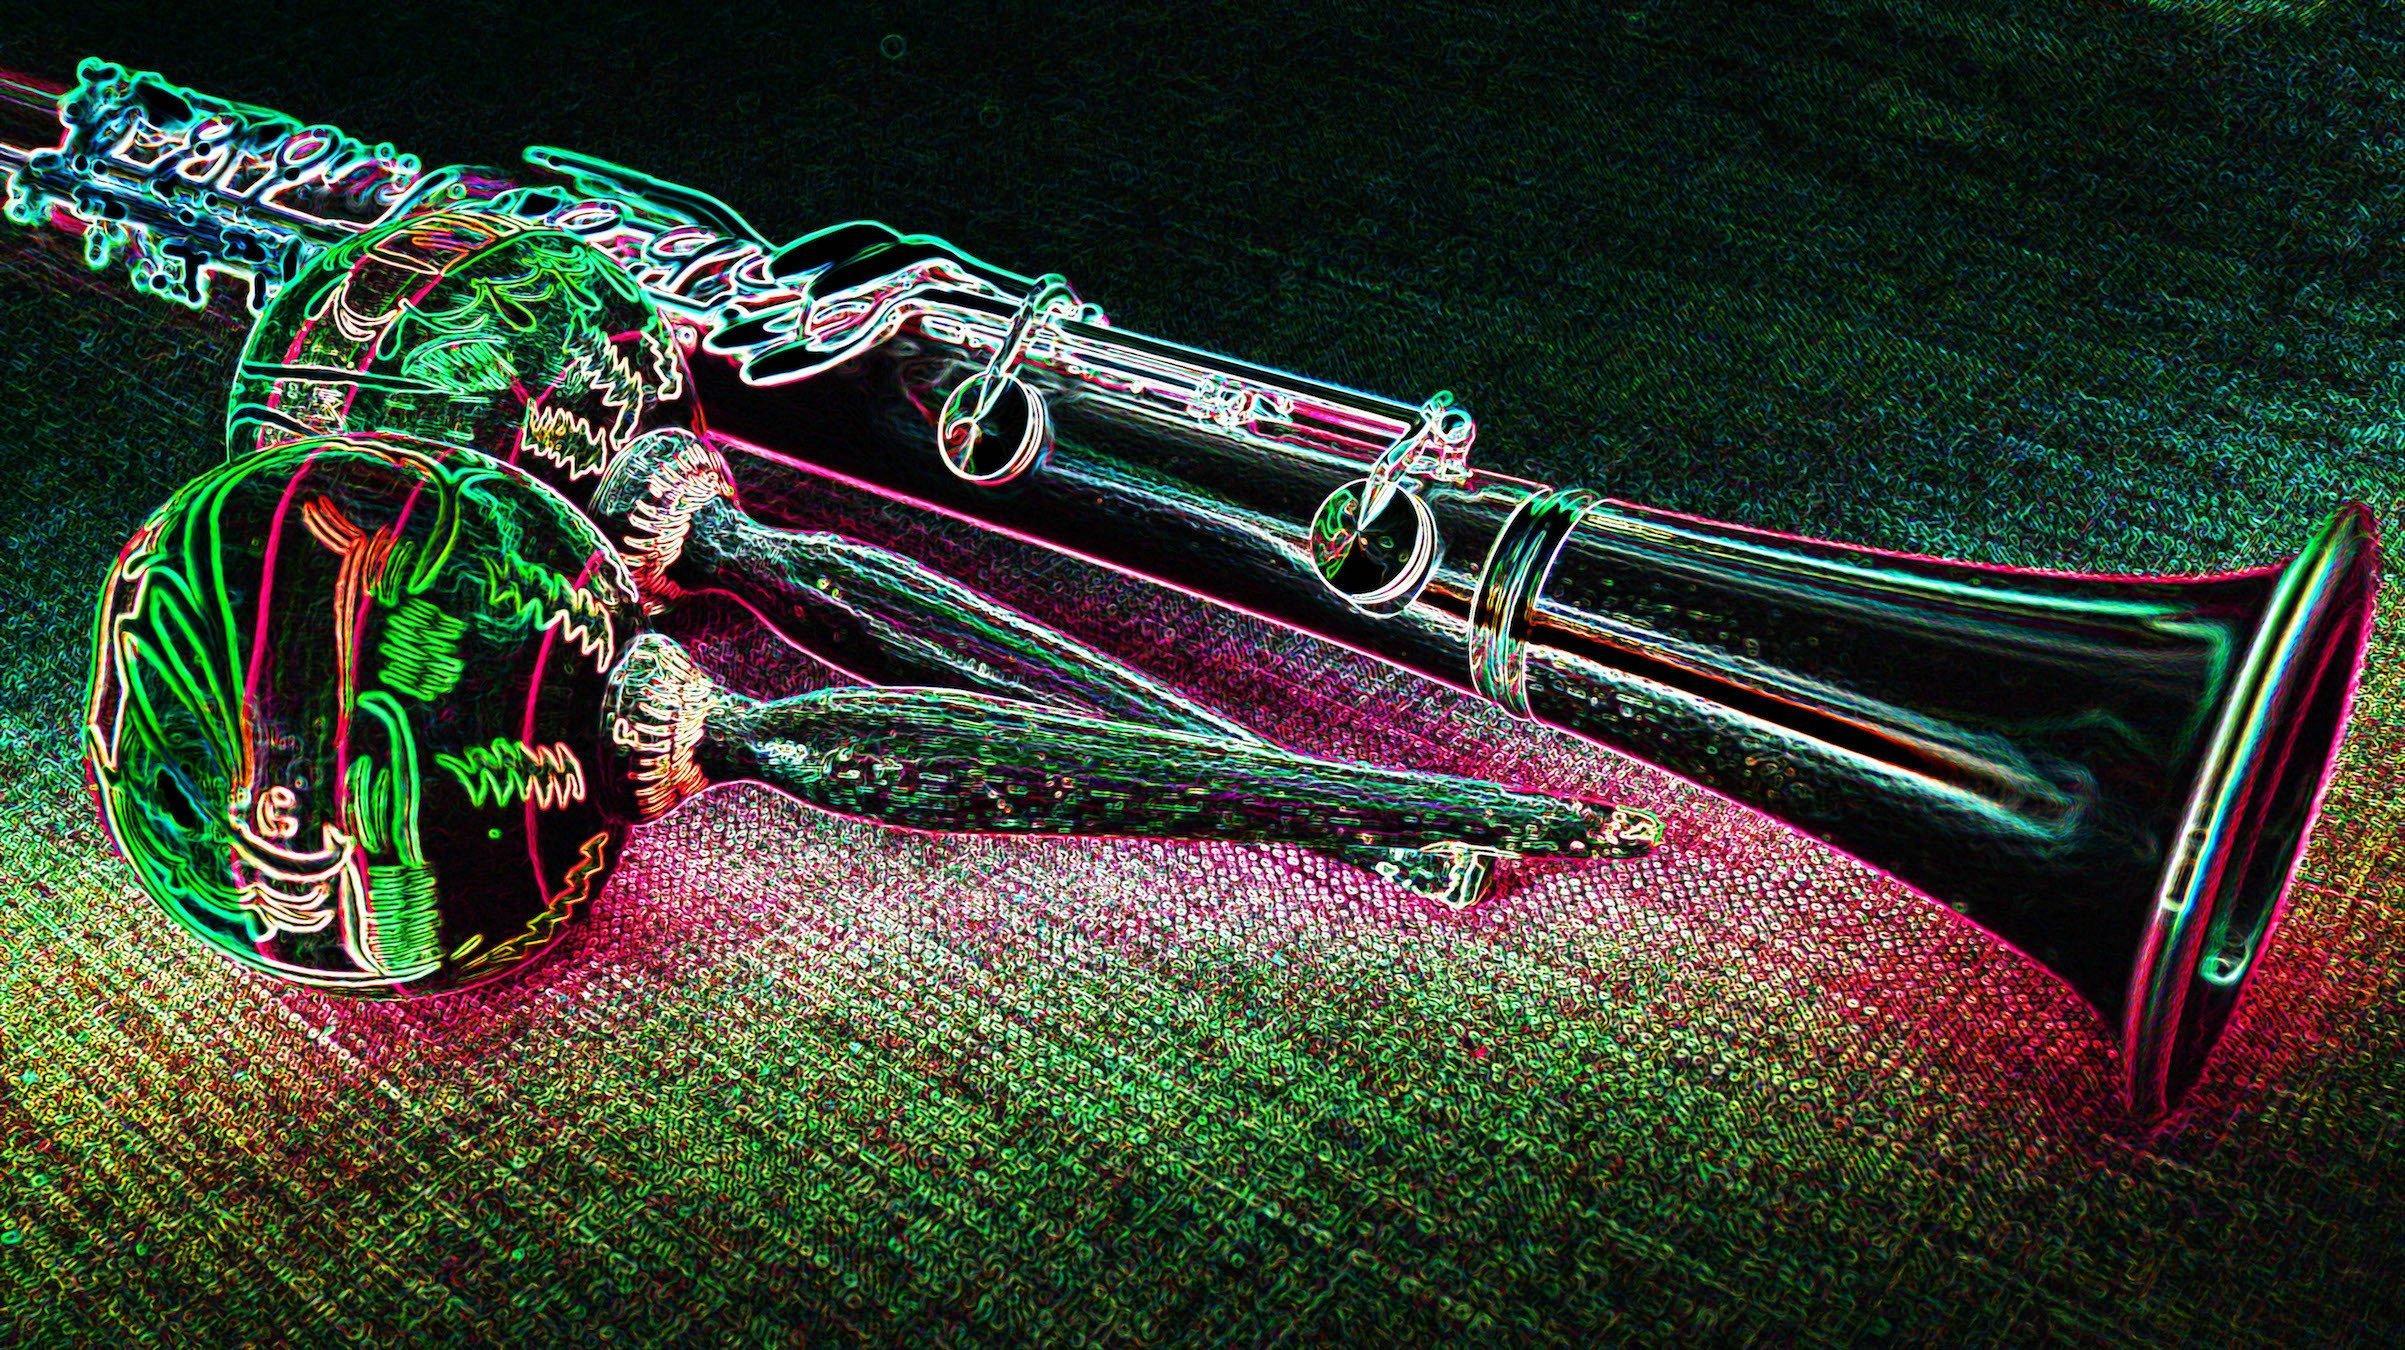 Stark verfremdete Aufnahme einer Klarinette zusammen mit zwei Maracas oder Rumba-Rasseln. Ein Filter hat die Konturen auf dem Bild wie mit vielfarbigem Neonlicht verstärkt. Text dazu: Die Wahl der Instrumente und Musikstile ist egal – wichtig ist der Vorsatz, mit dem Song etwas über die Klimakrise auszusagen.